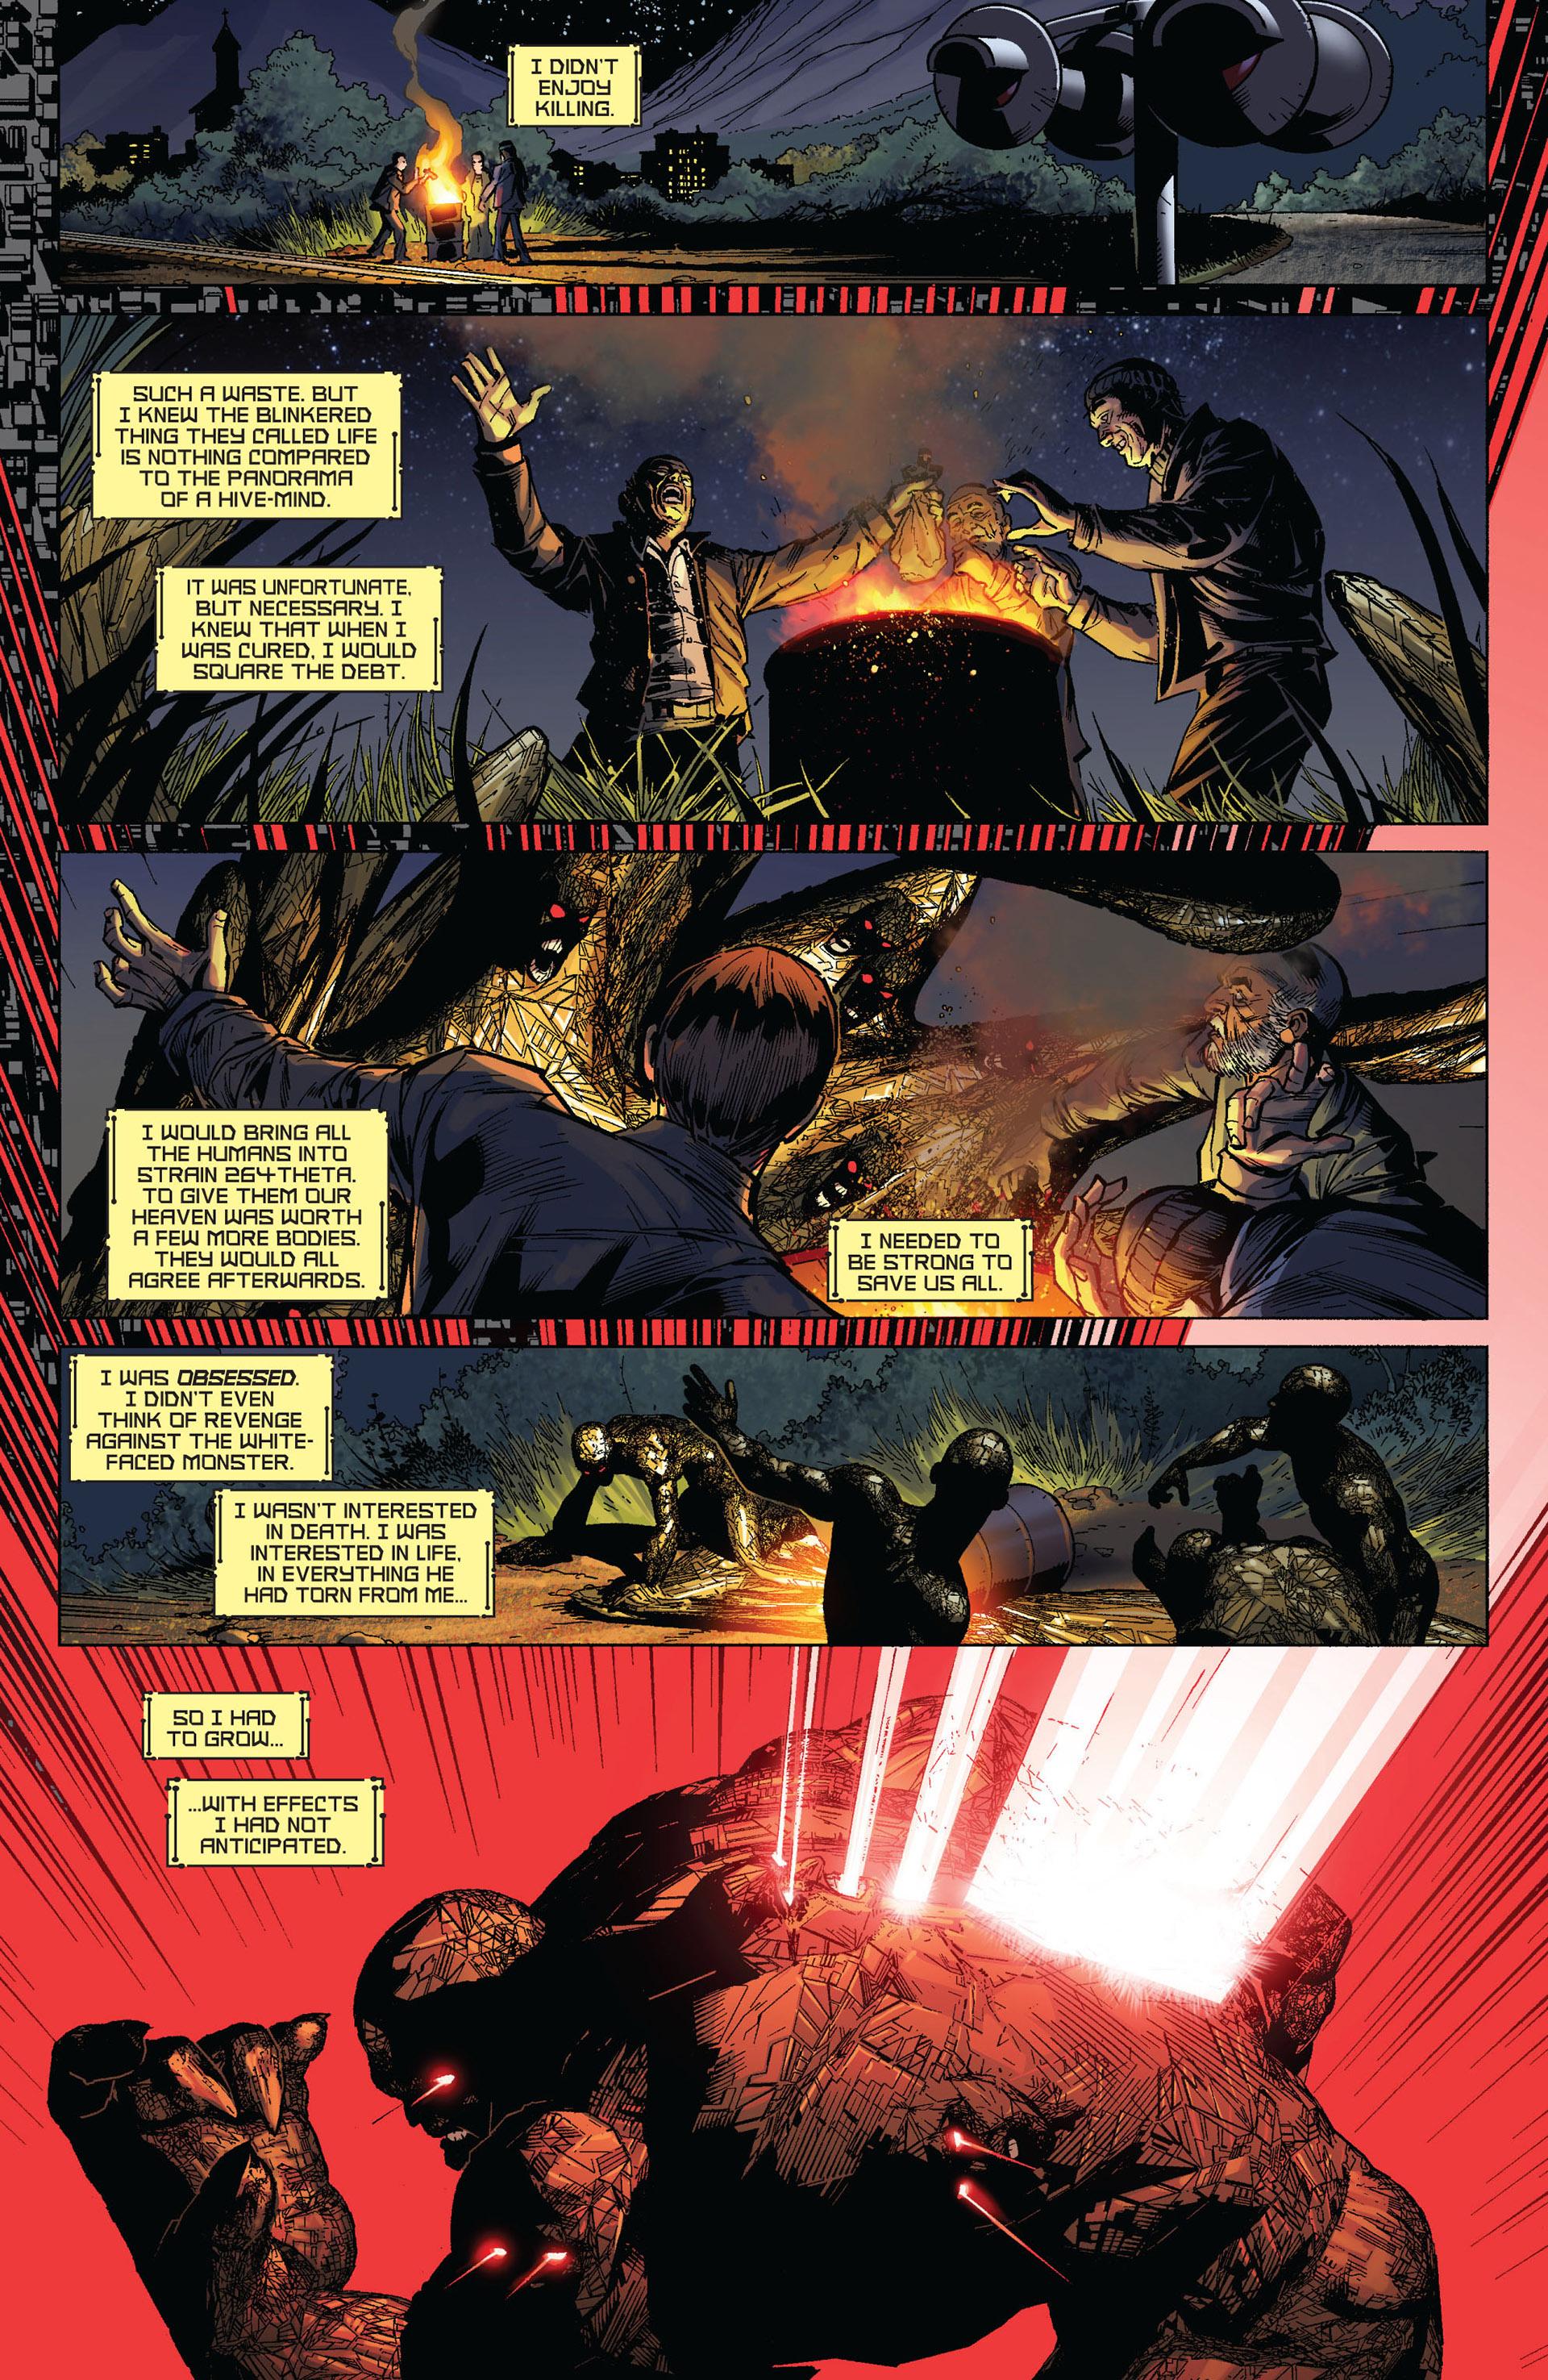 Read online Uncanny X-Men (2012) comic -  Issue #4 - 11